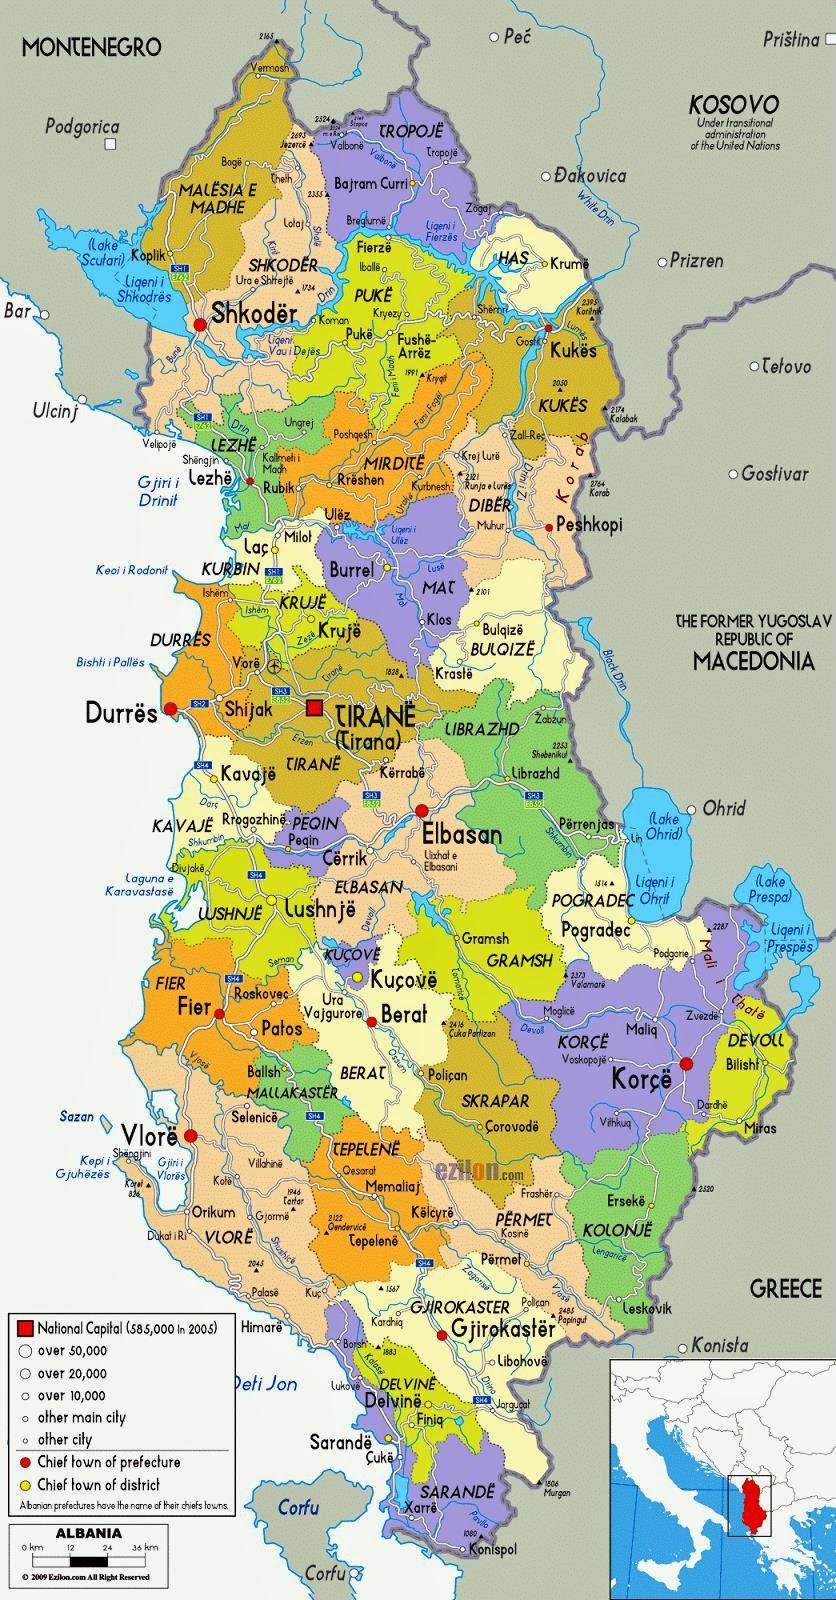 romania albania live online